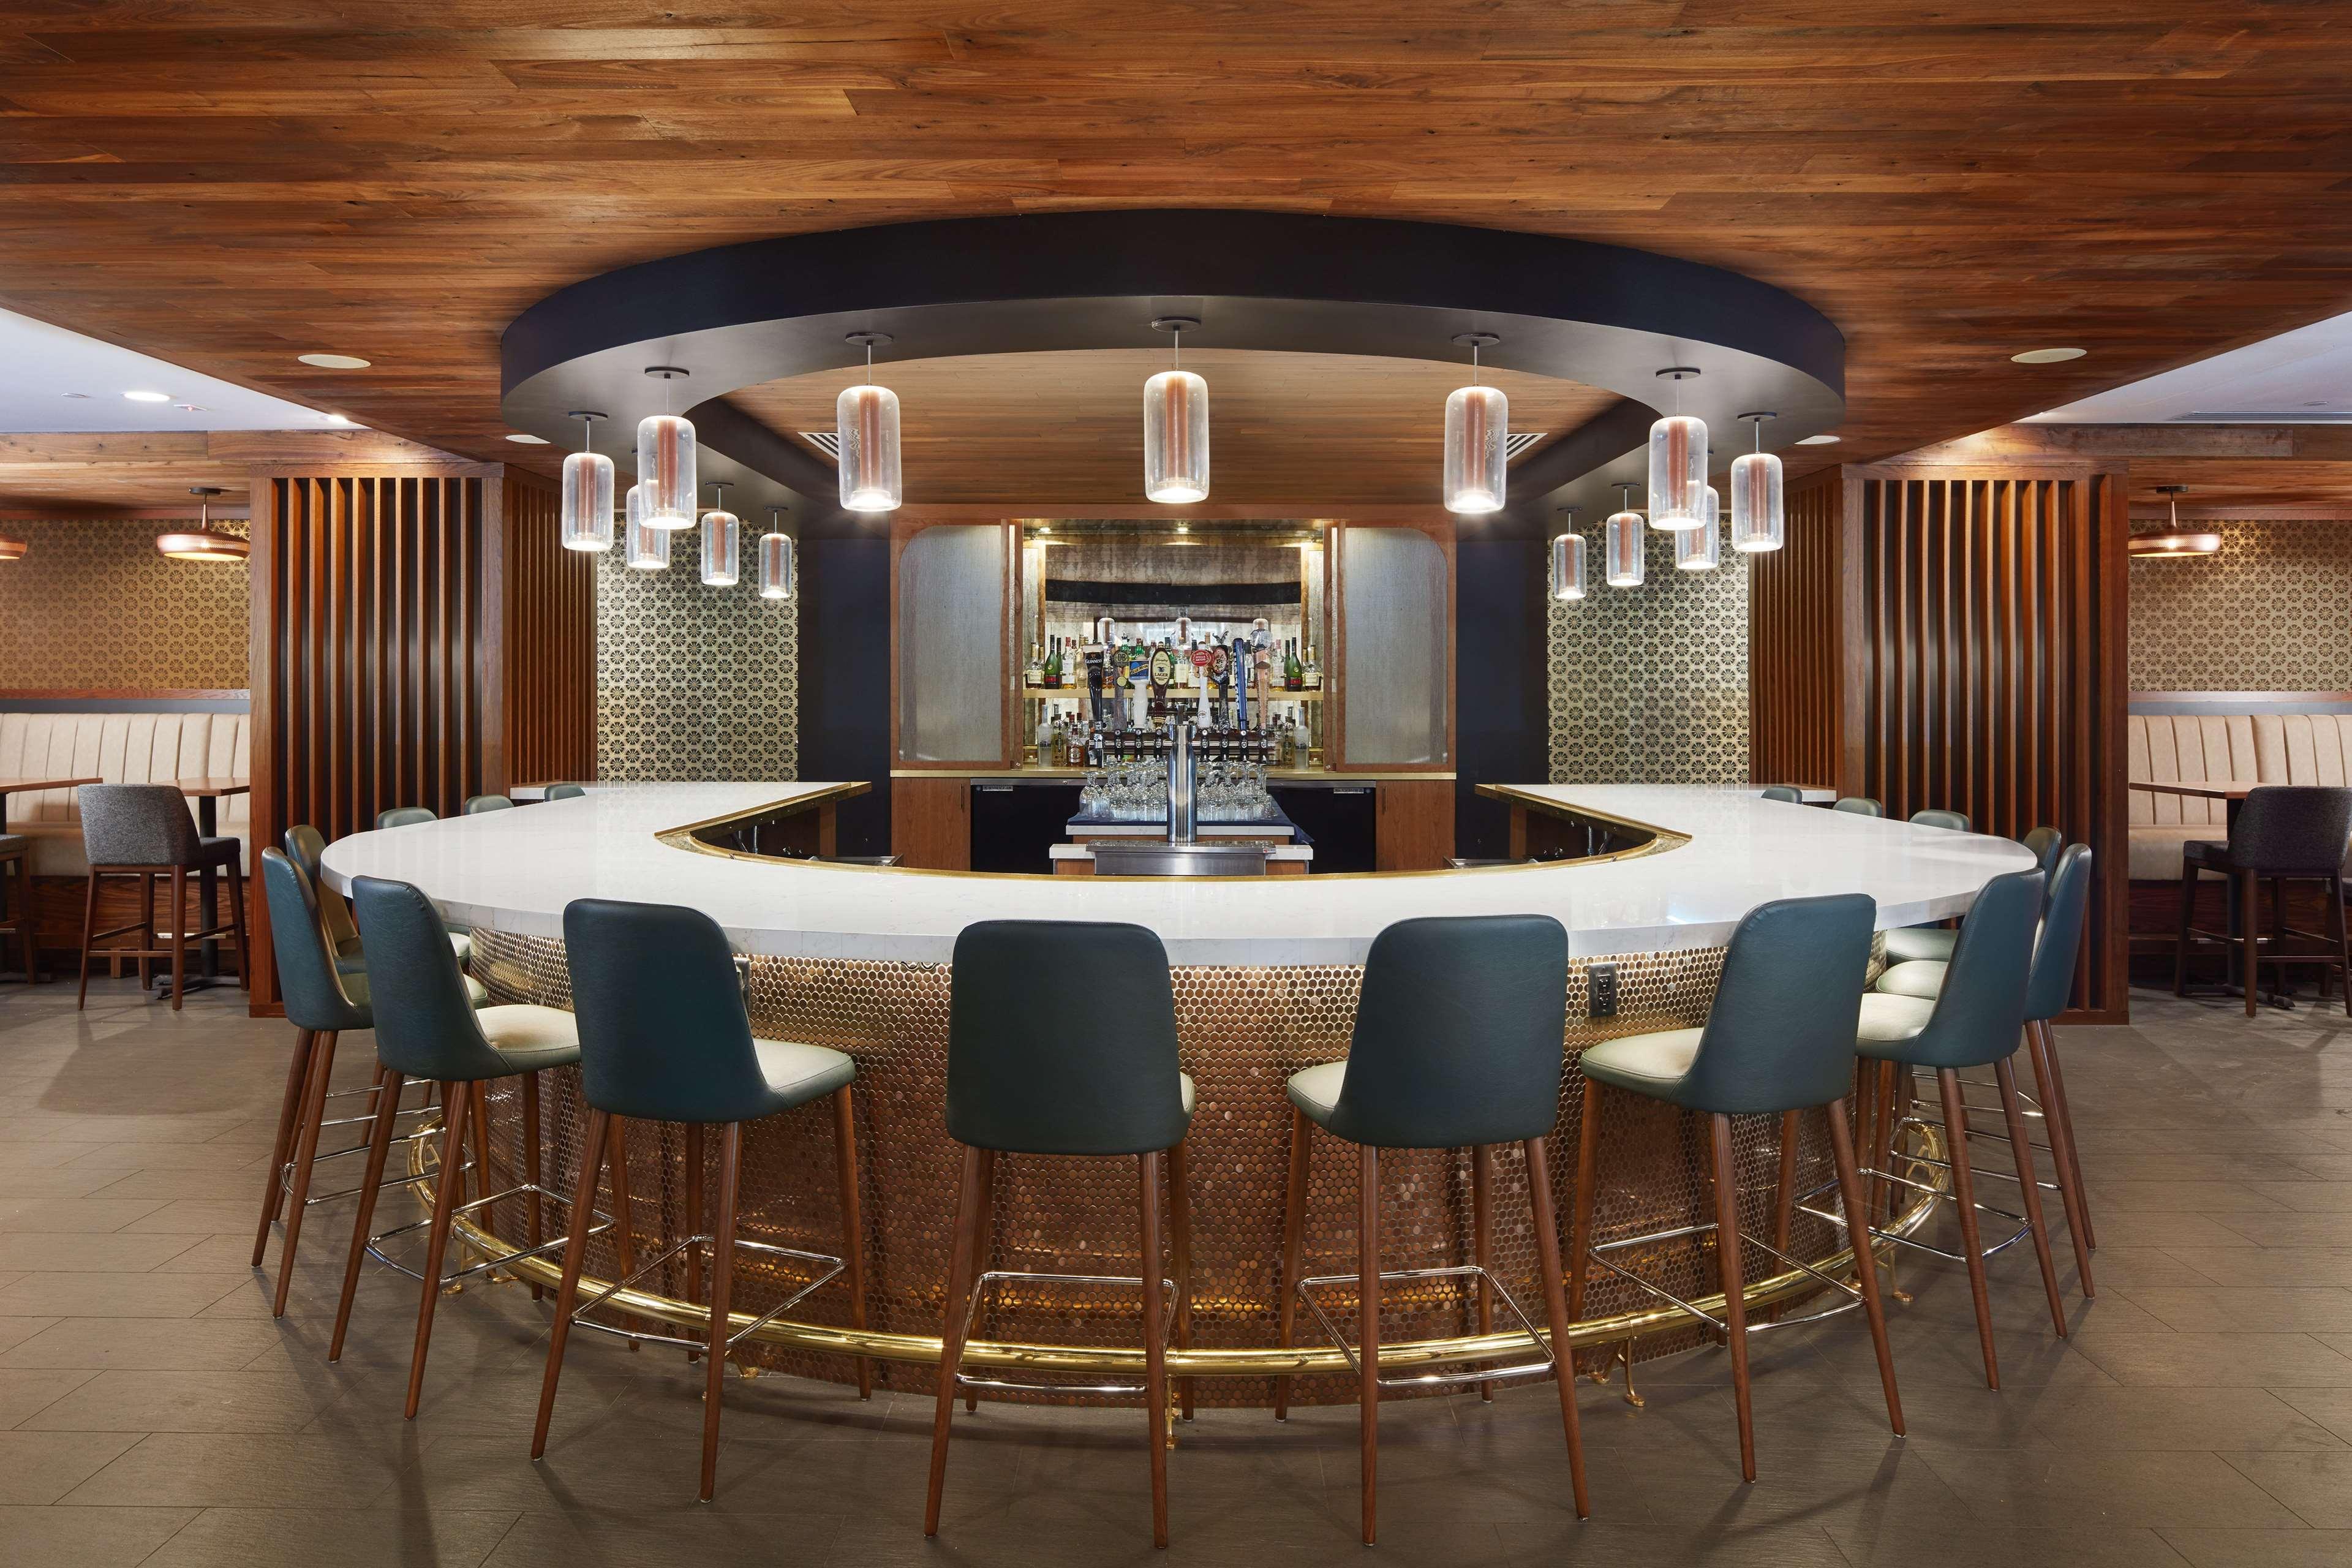 Washington Hilton image 30